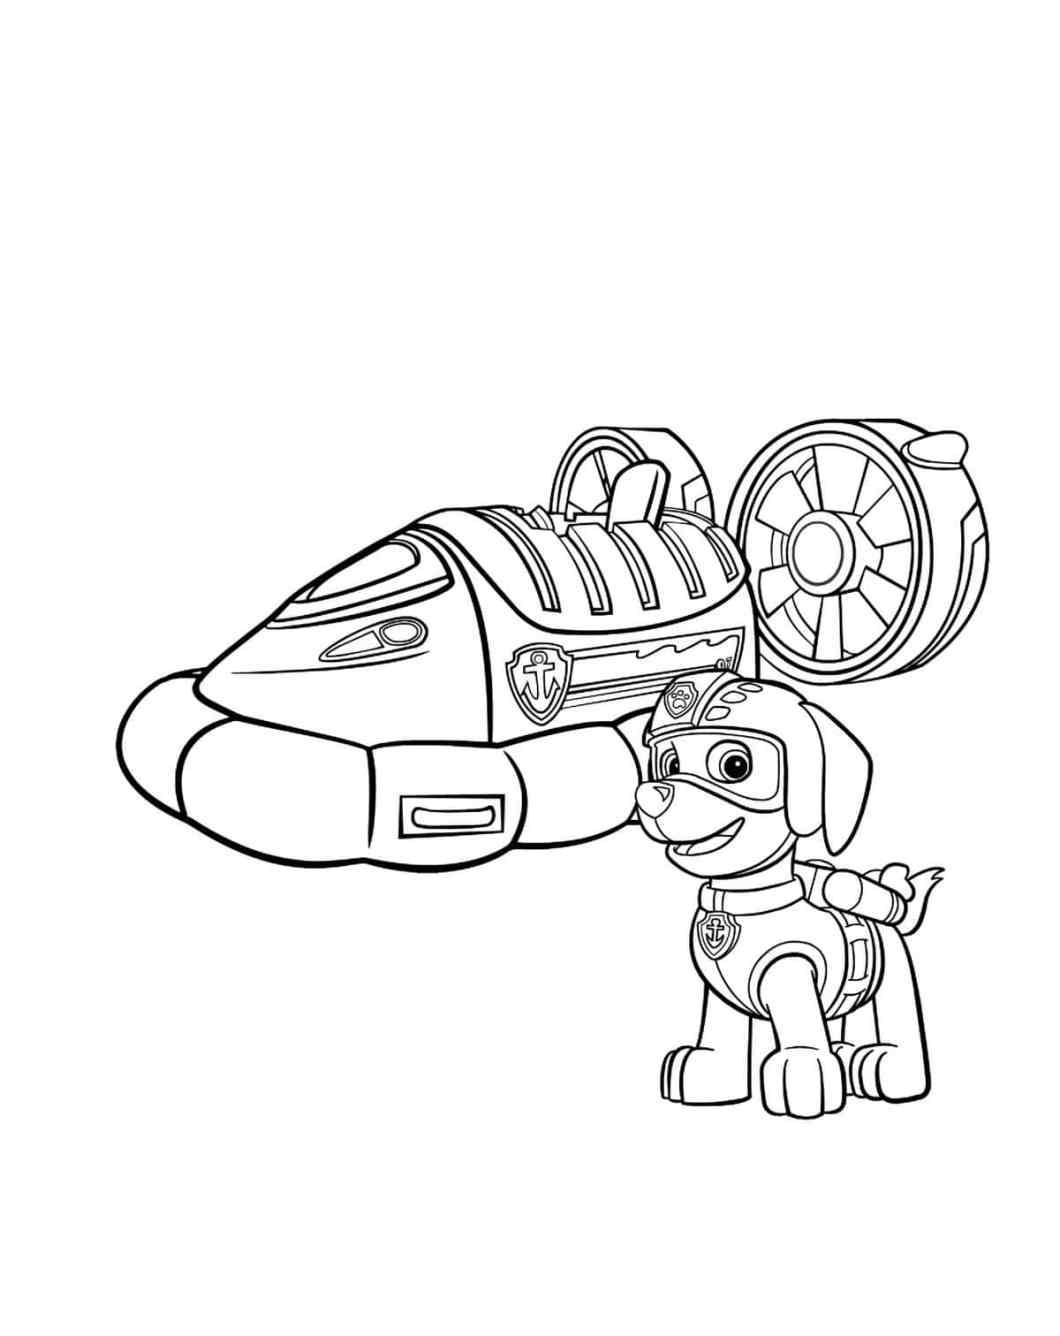 desenhos para colorir da patrulha canina online